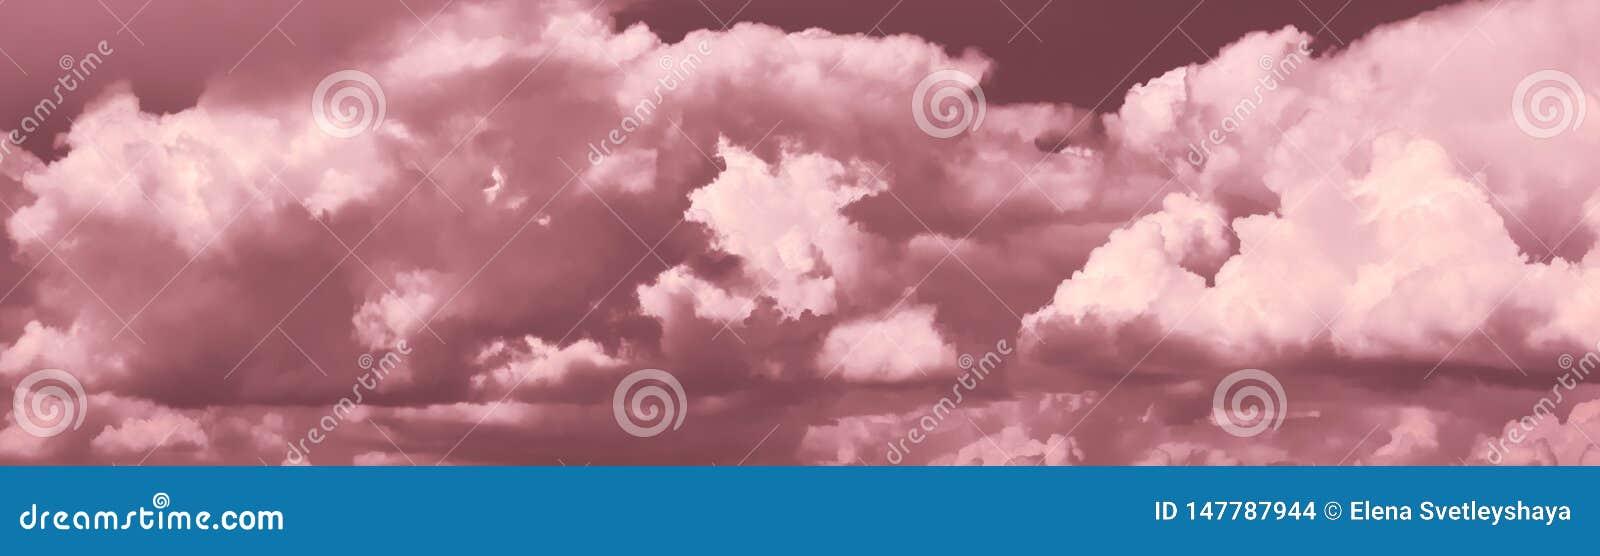 在天空的全景与剧烈的云彩 在天空的明亮的灰色云彩适用于背景 r 阴云密布